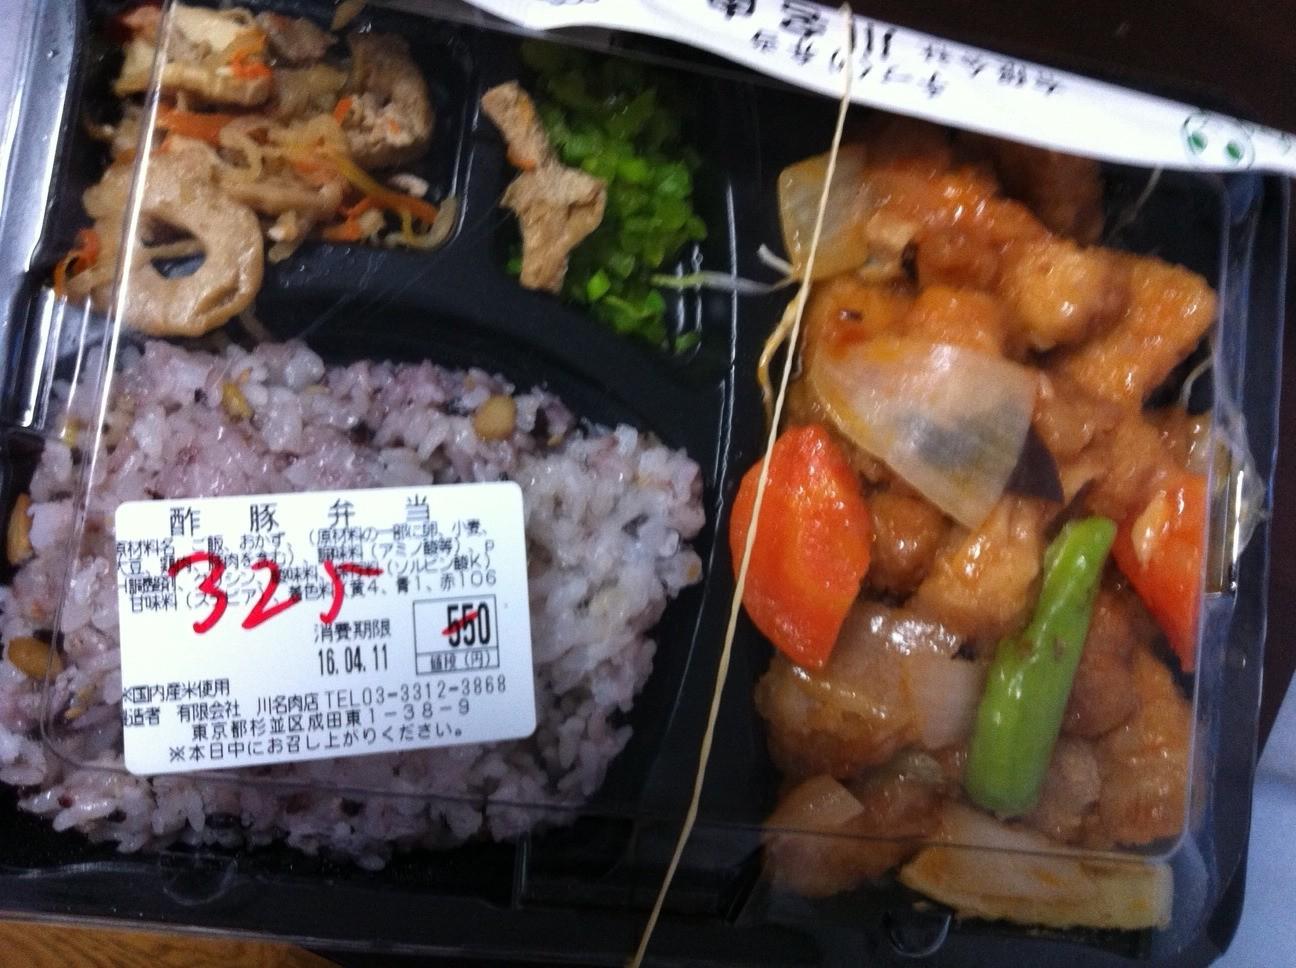 川名肉店の酢豚弁当